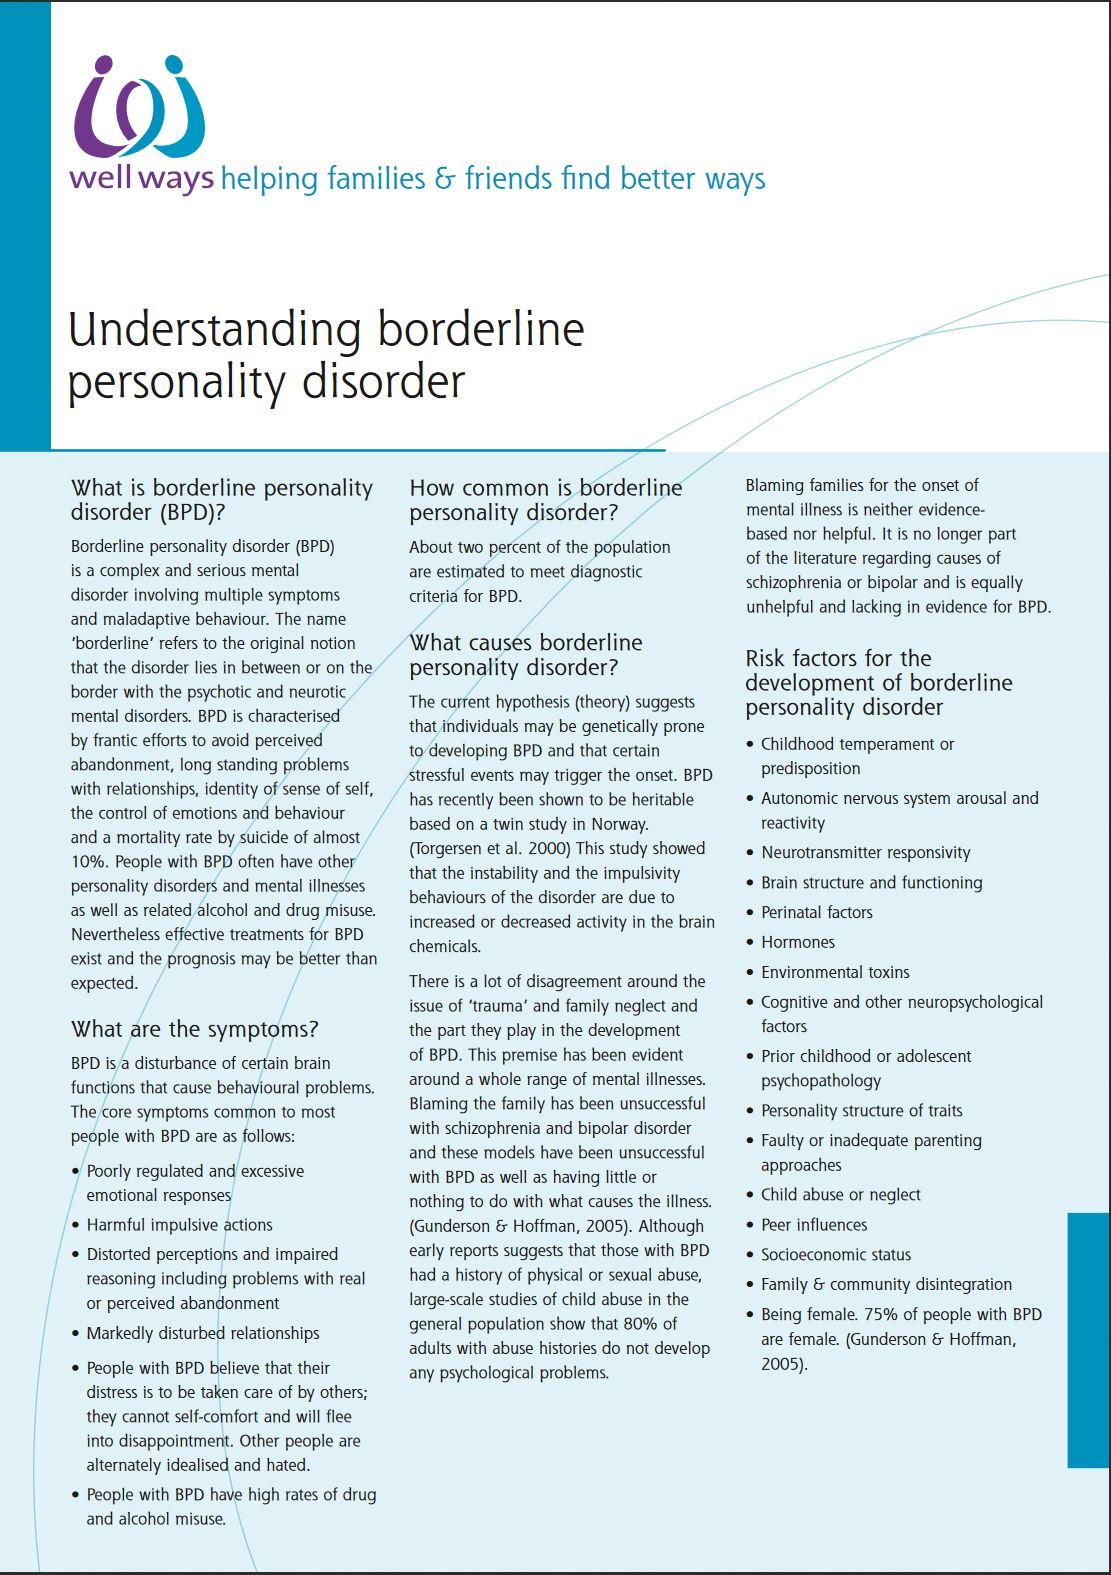 Image Well Ways Understanding BPD factsheet